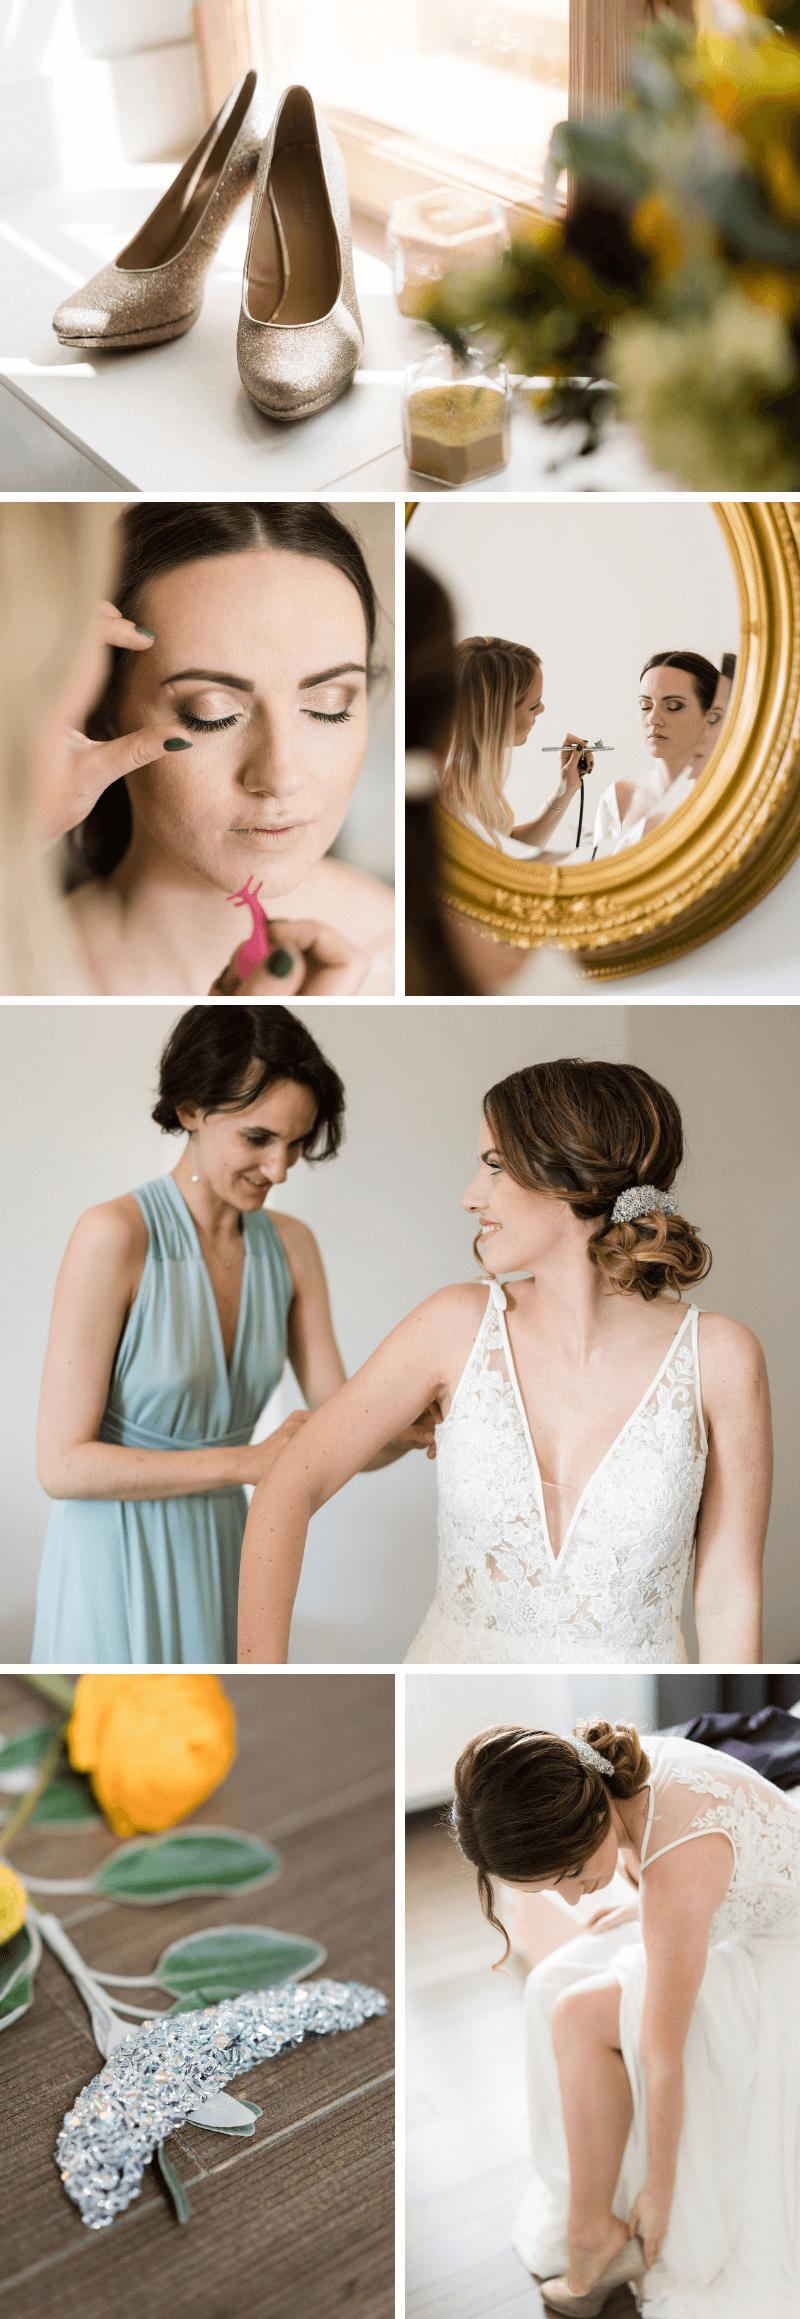 Hochzeit im Grünen, Hochzeit elegant, Hochzeit grün, Hochzeit gelb, Hochzeit gold, Brautfrisur elegant, Brautfrisur hochgesteckt